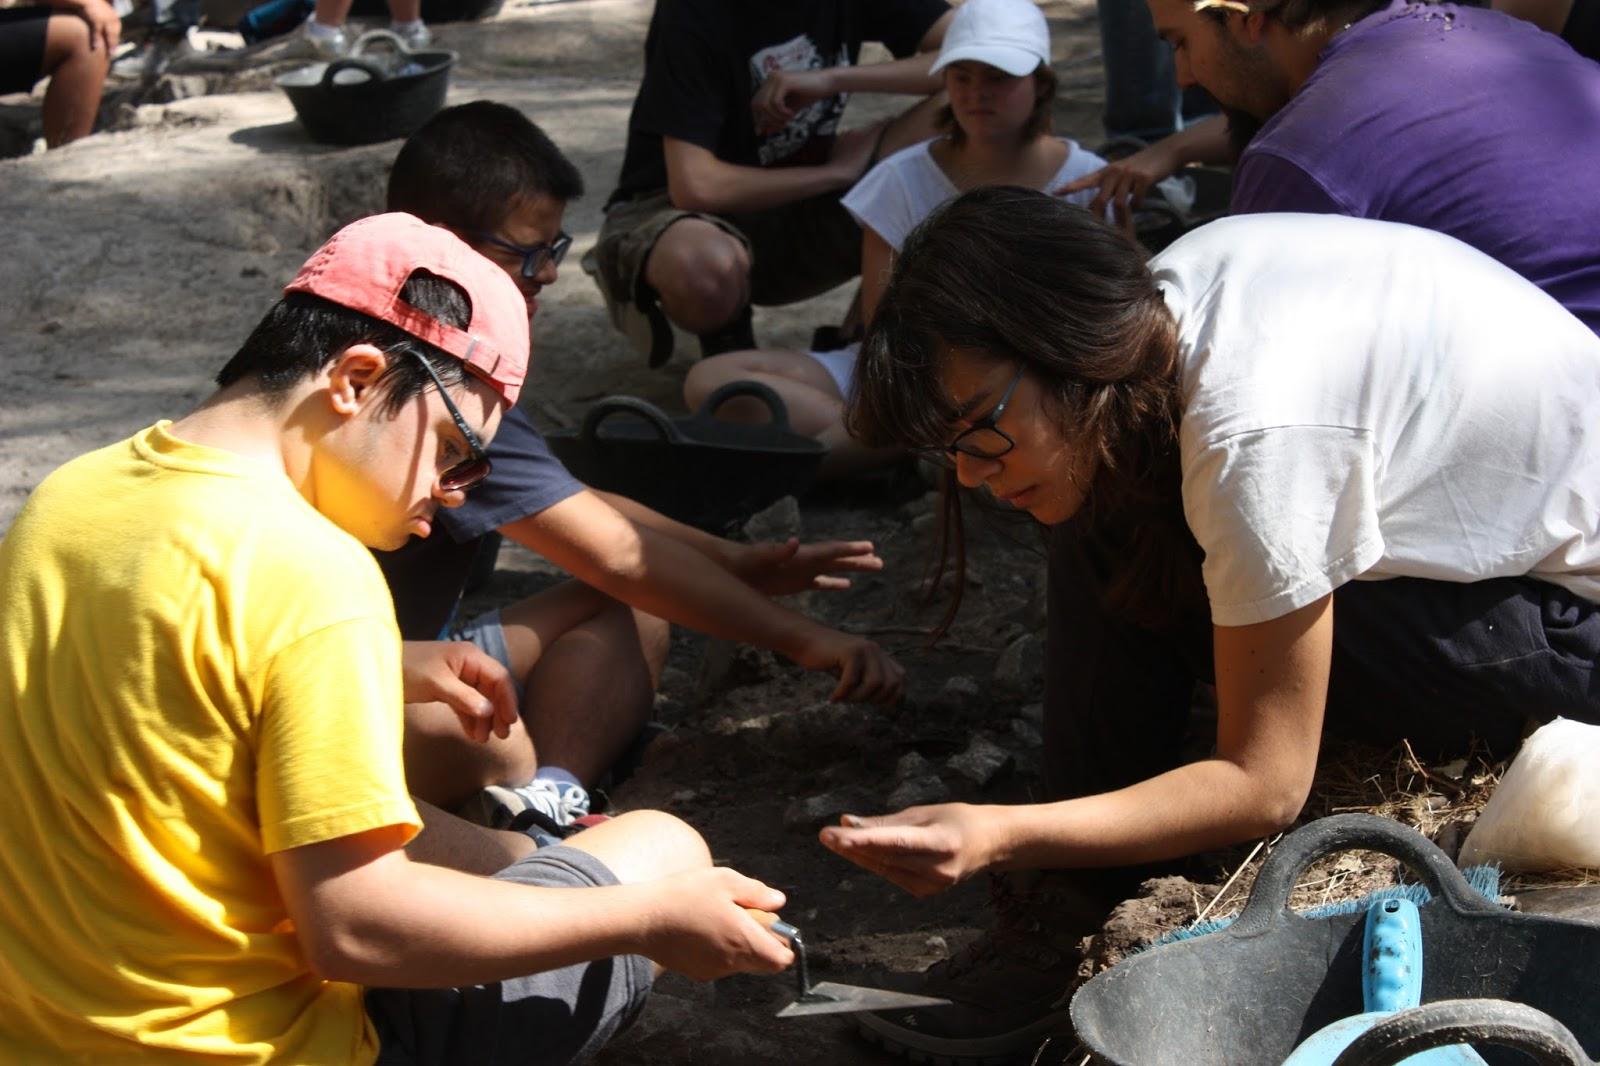 ¡Somos Arqueólogos!, Primer vídeo de la sèrie #BCN6000Años